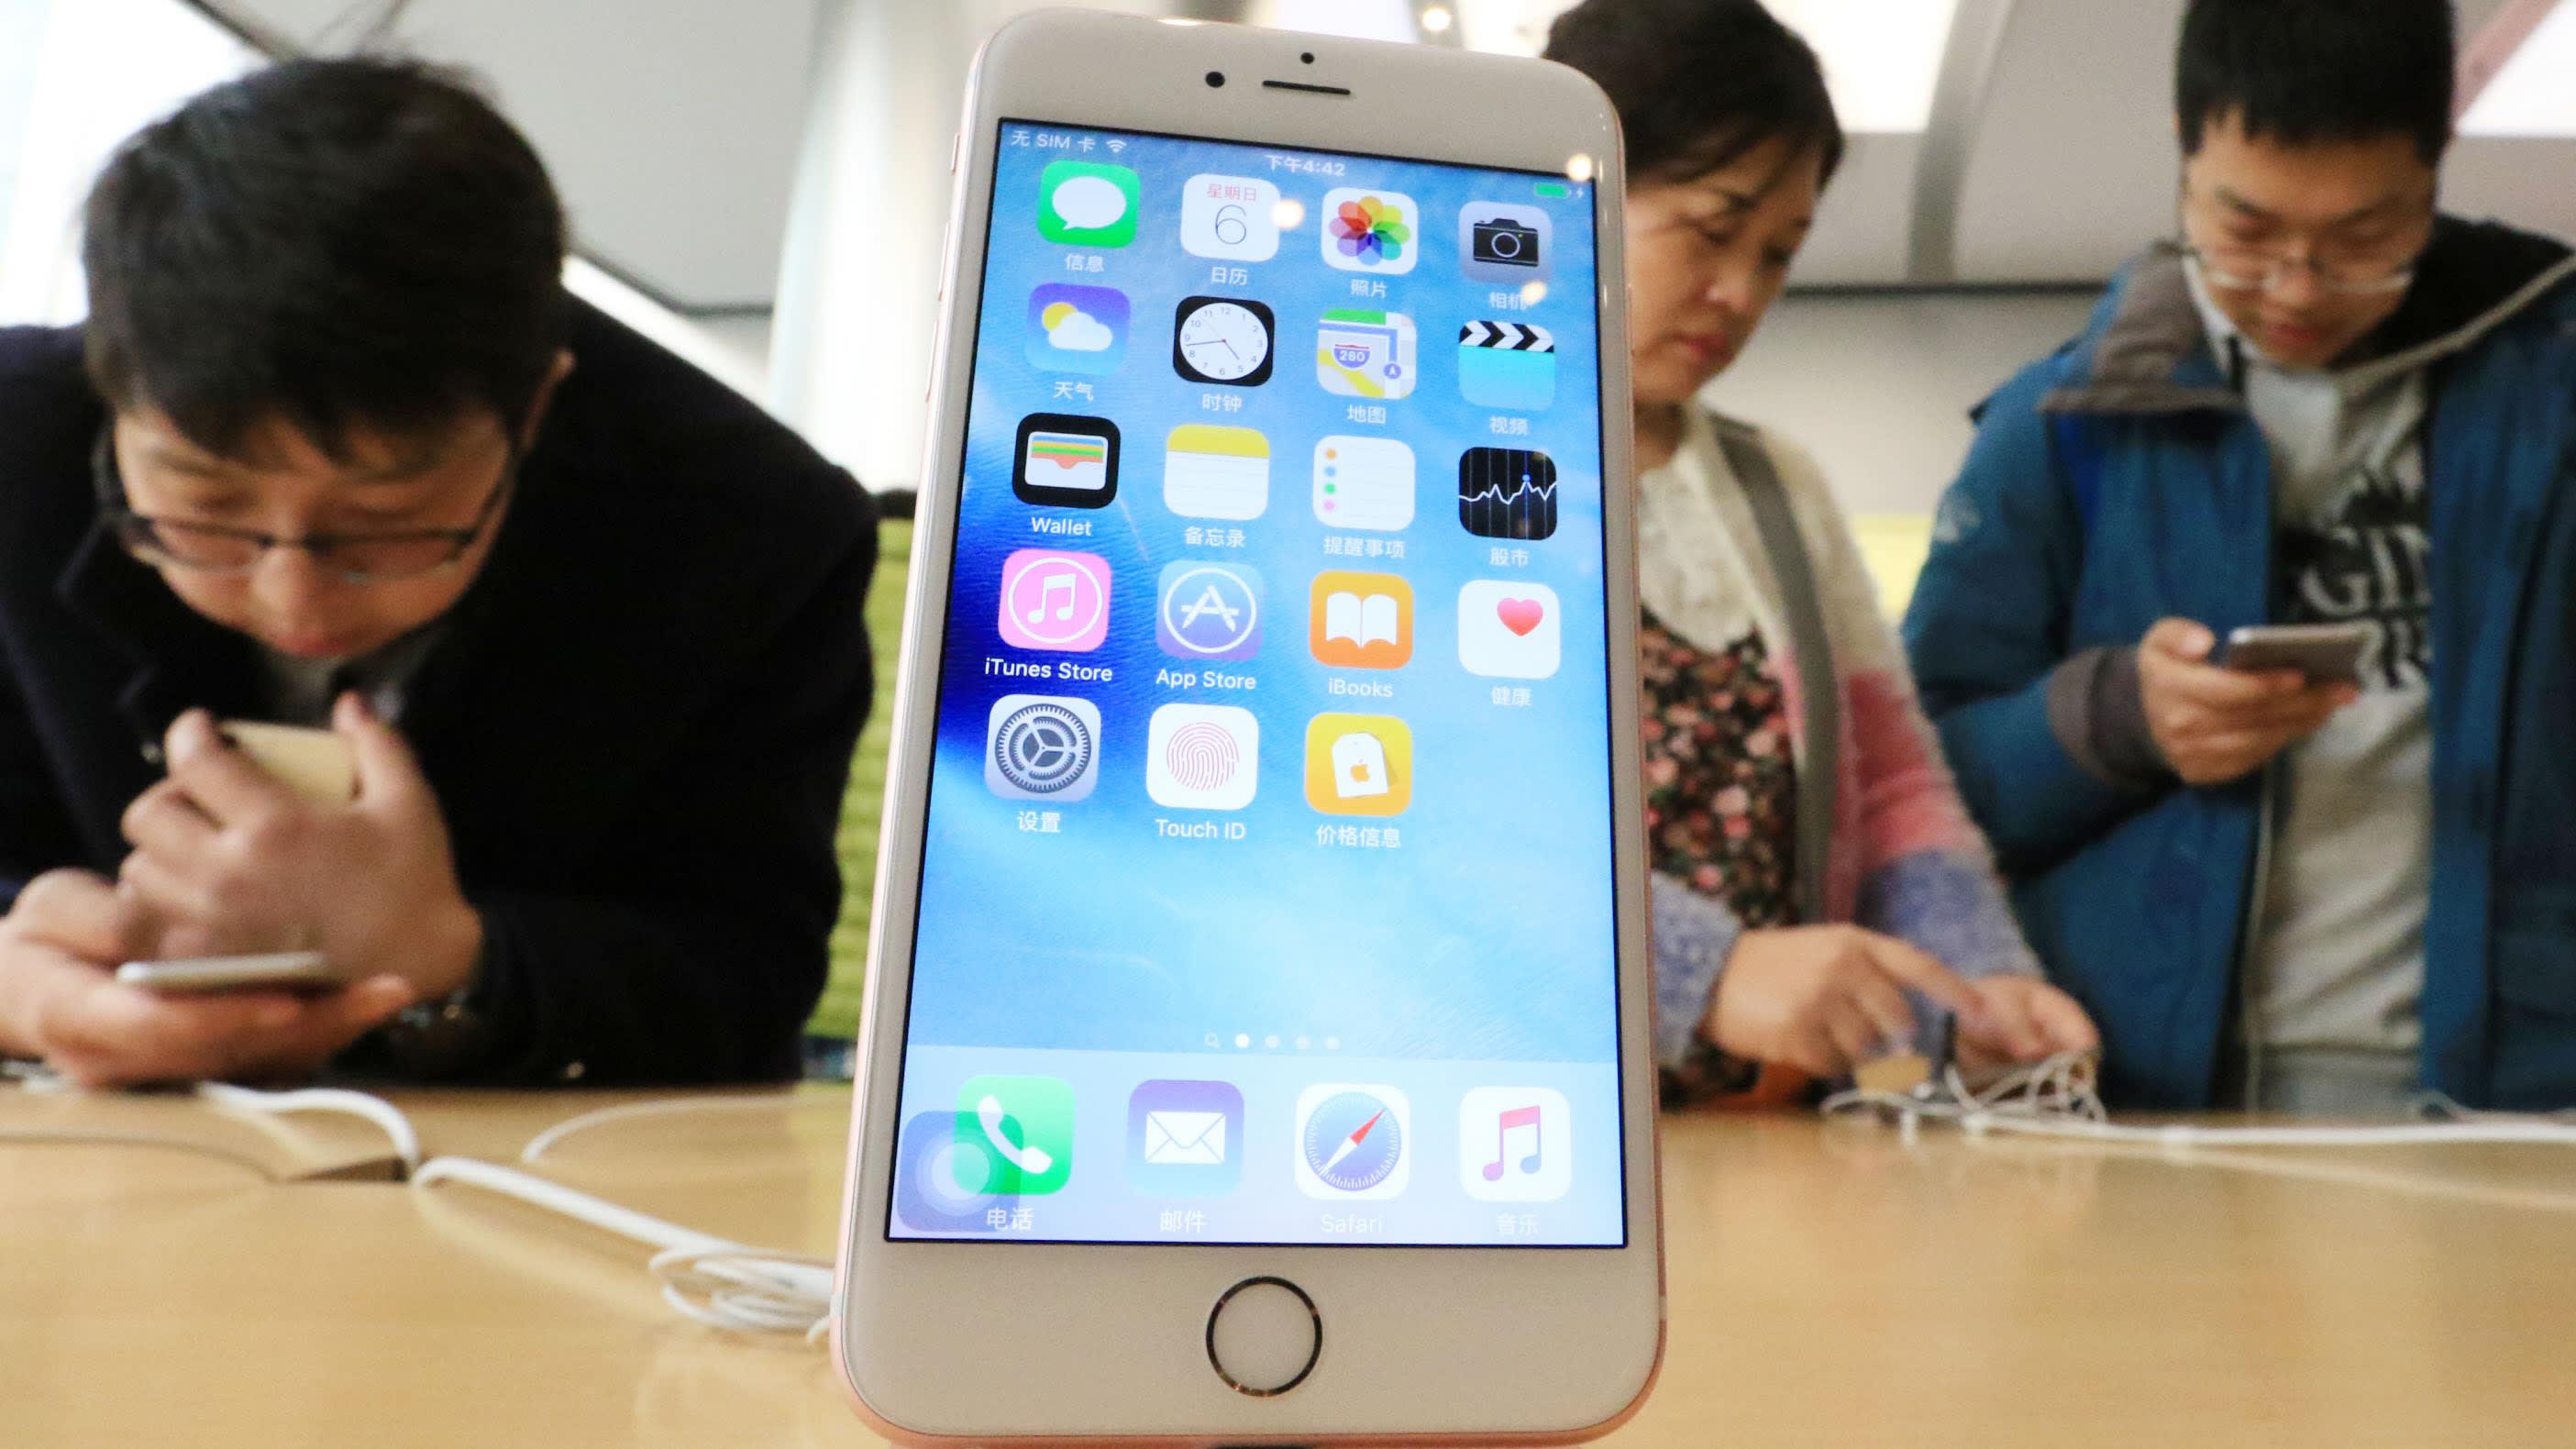 高通:即使升级软件. 仍违反中国法院禁令